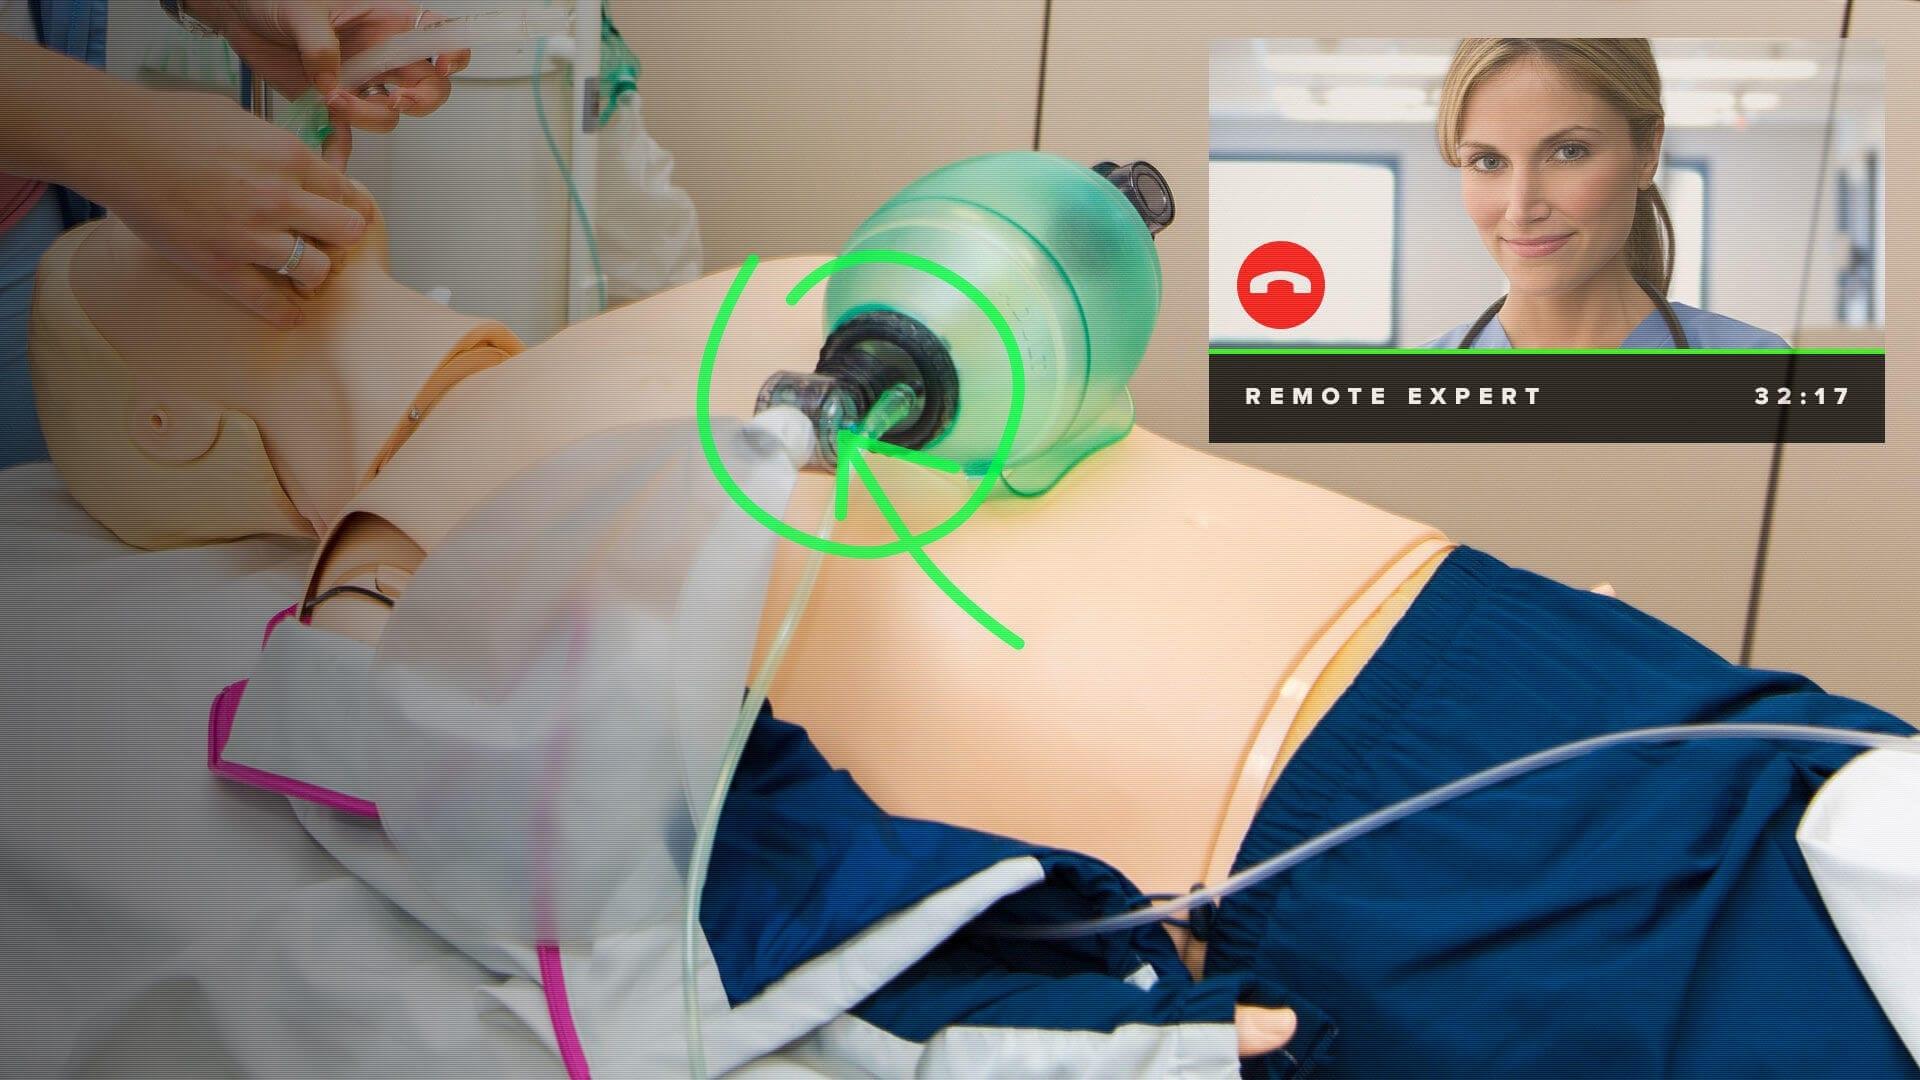 realidad-aumentada-sanidad-control-remoto